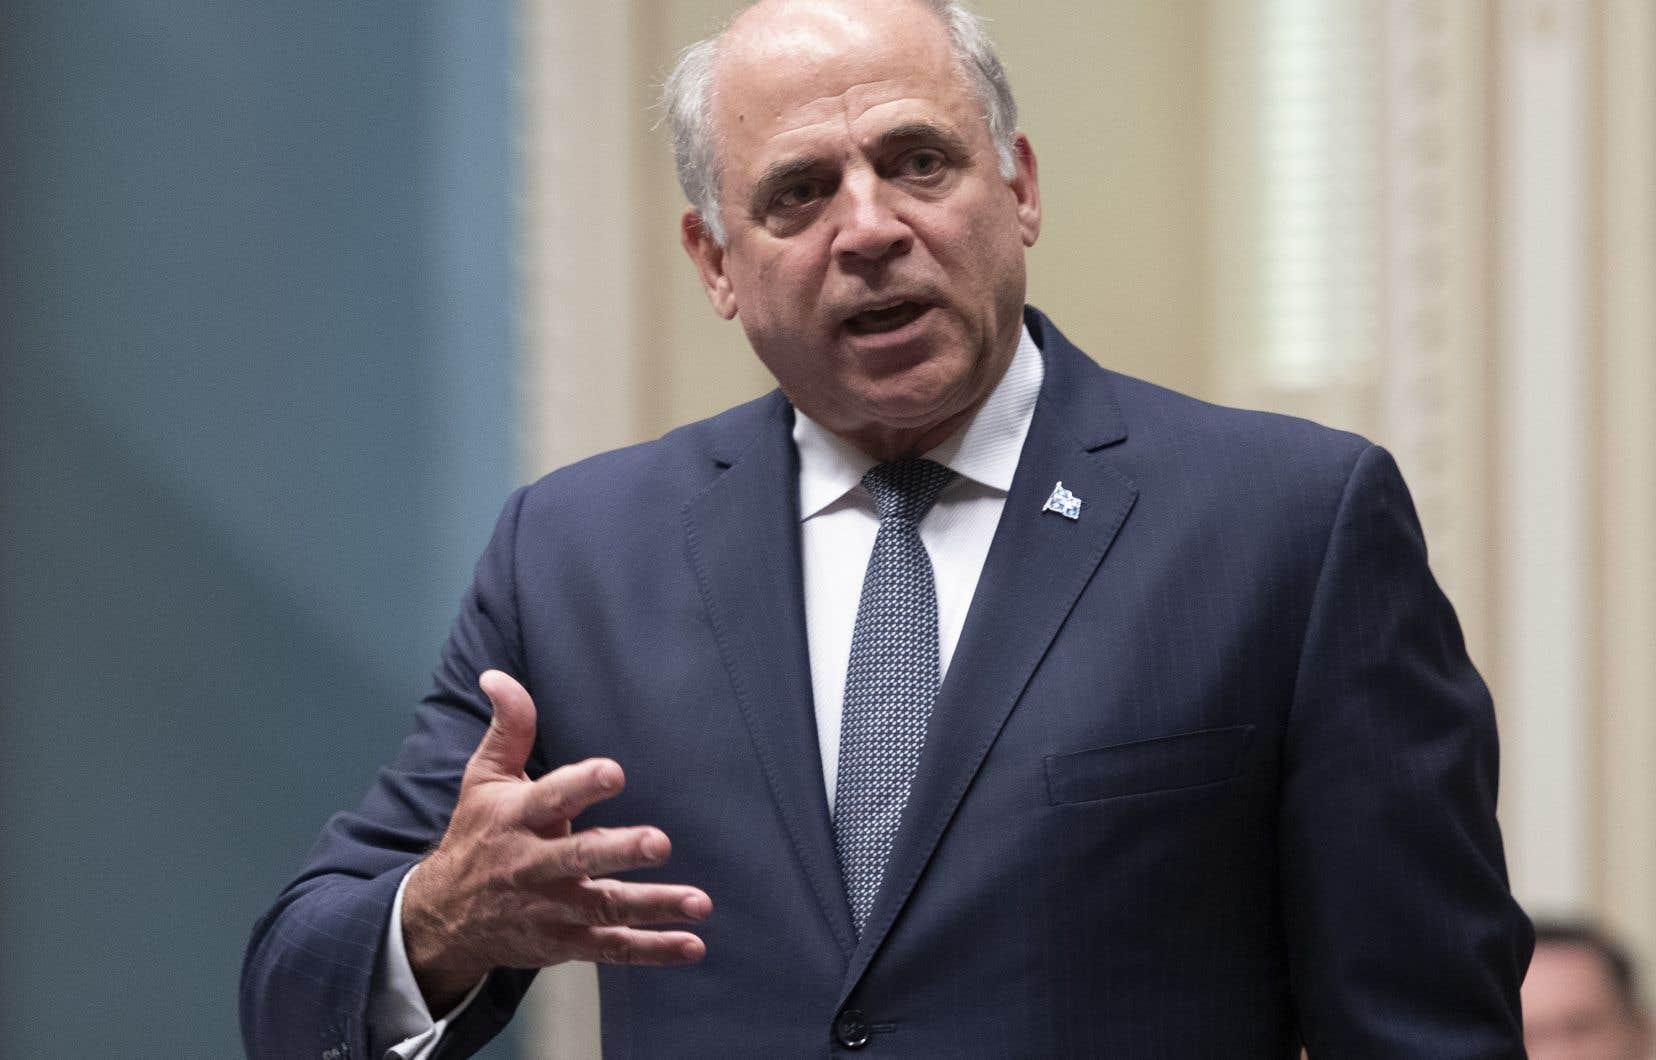 Selon le ministre québécois  de l'Économie et de l'Innovation, Pierre  Fitzgibbon,  il n'y aura pas  de nouvelles mesures d'aide puisque les  programmes  en place sont adéquats.